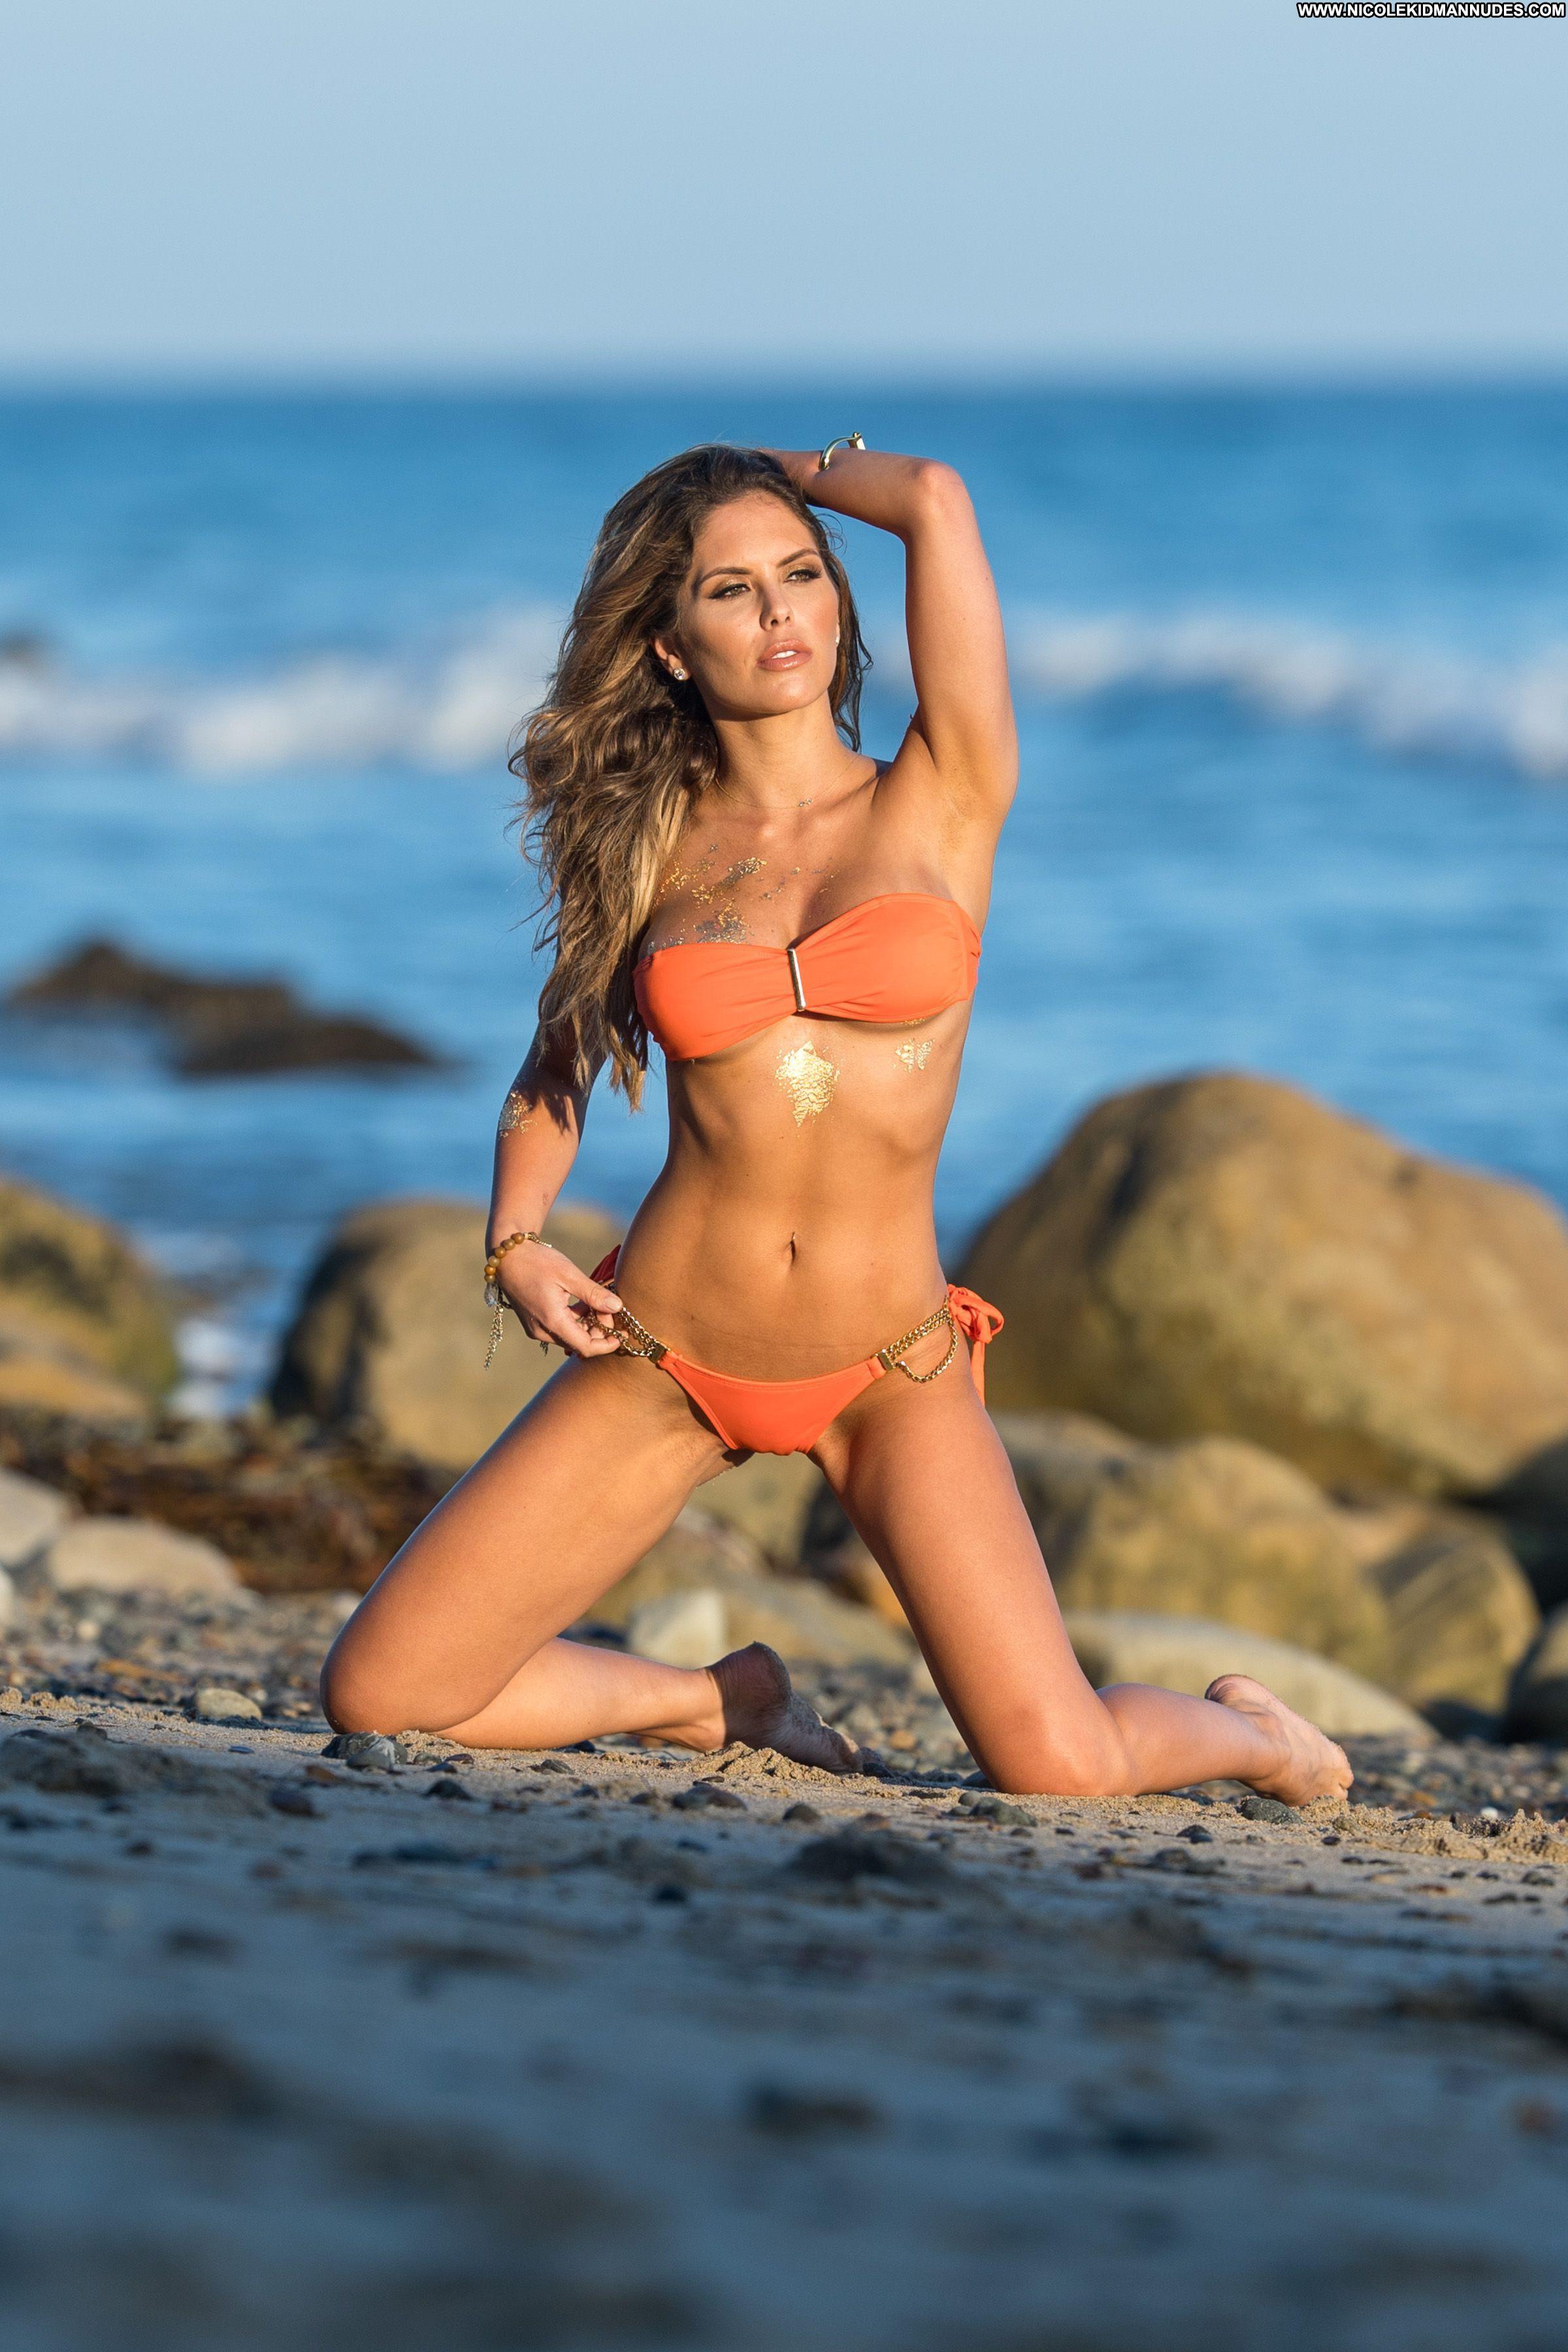 Molly bikini fit pics